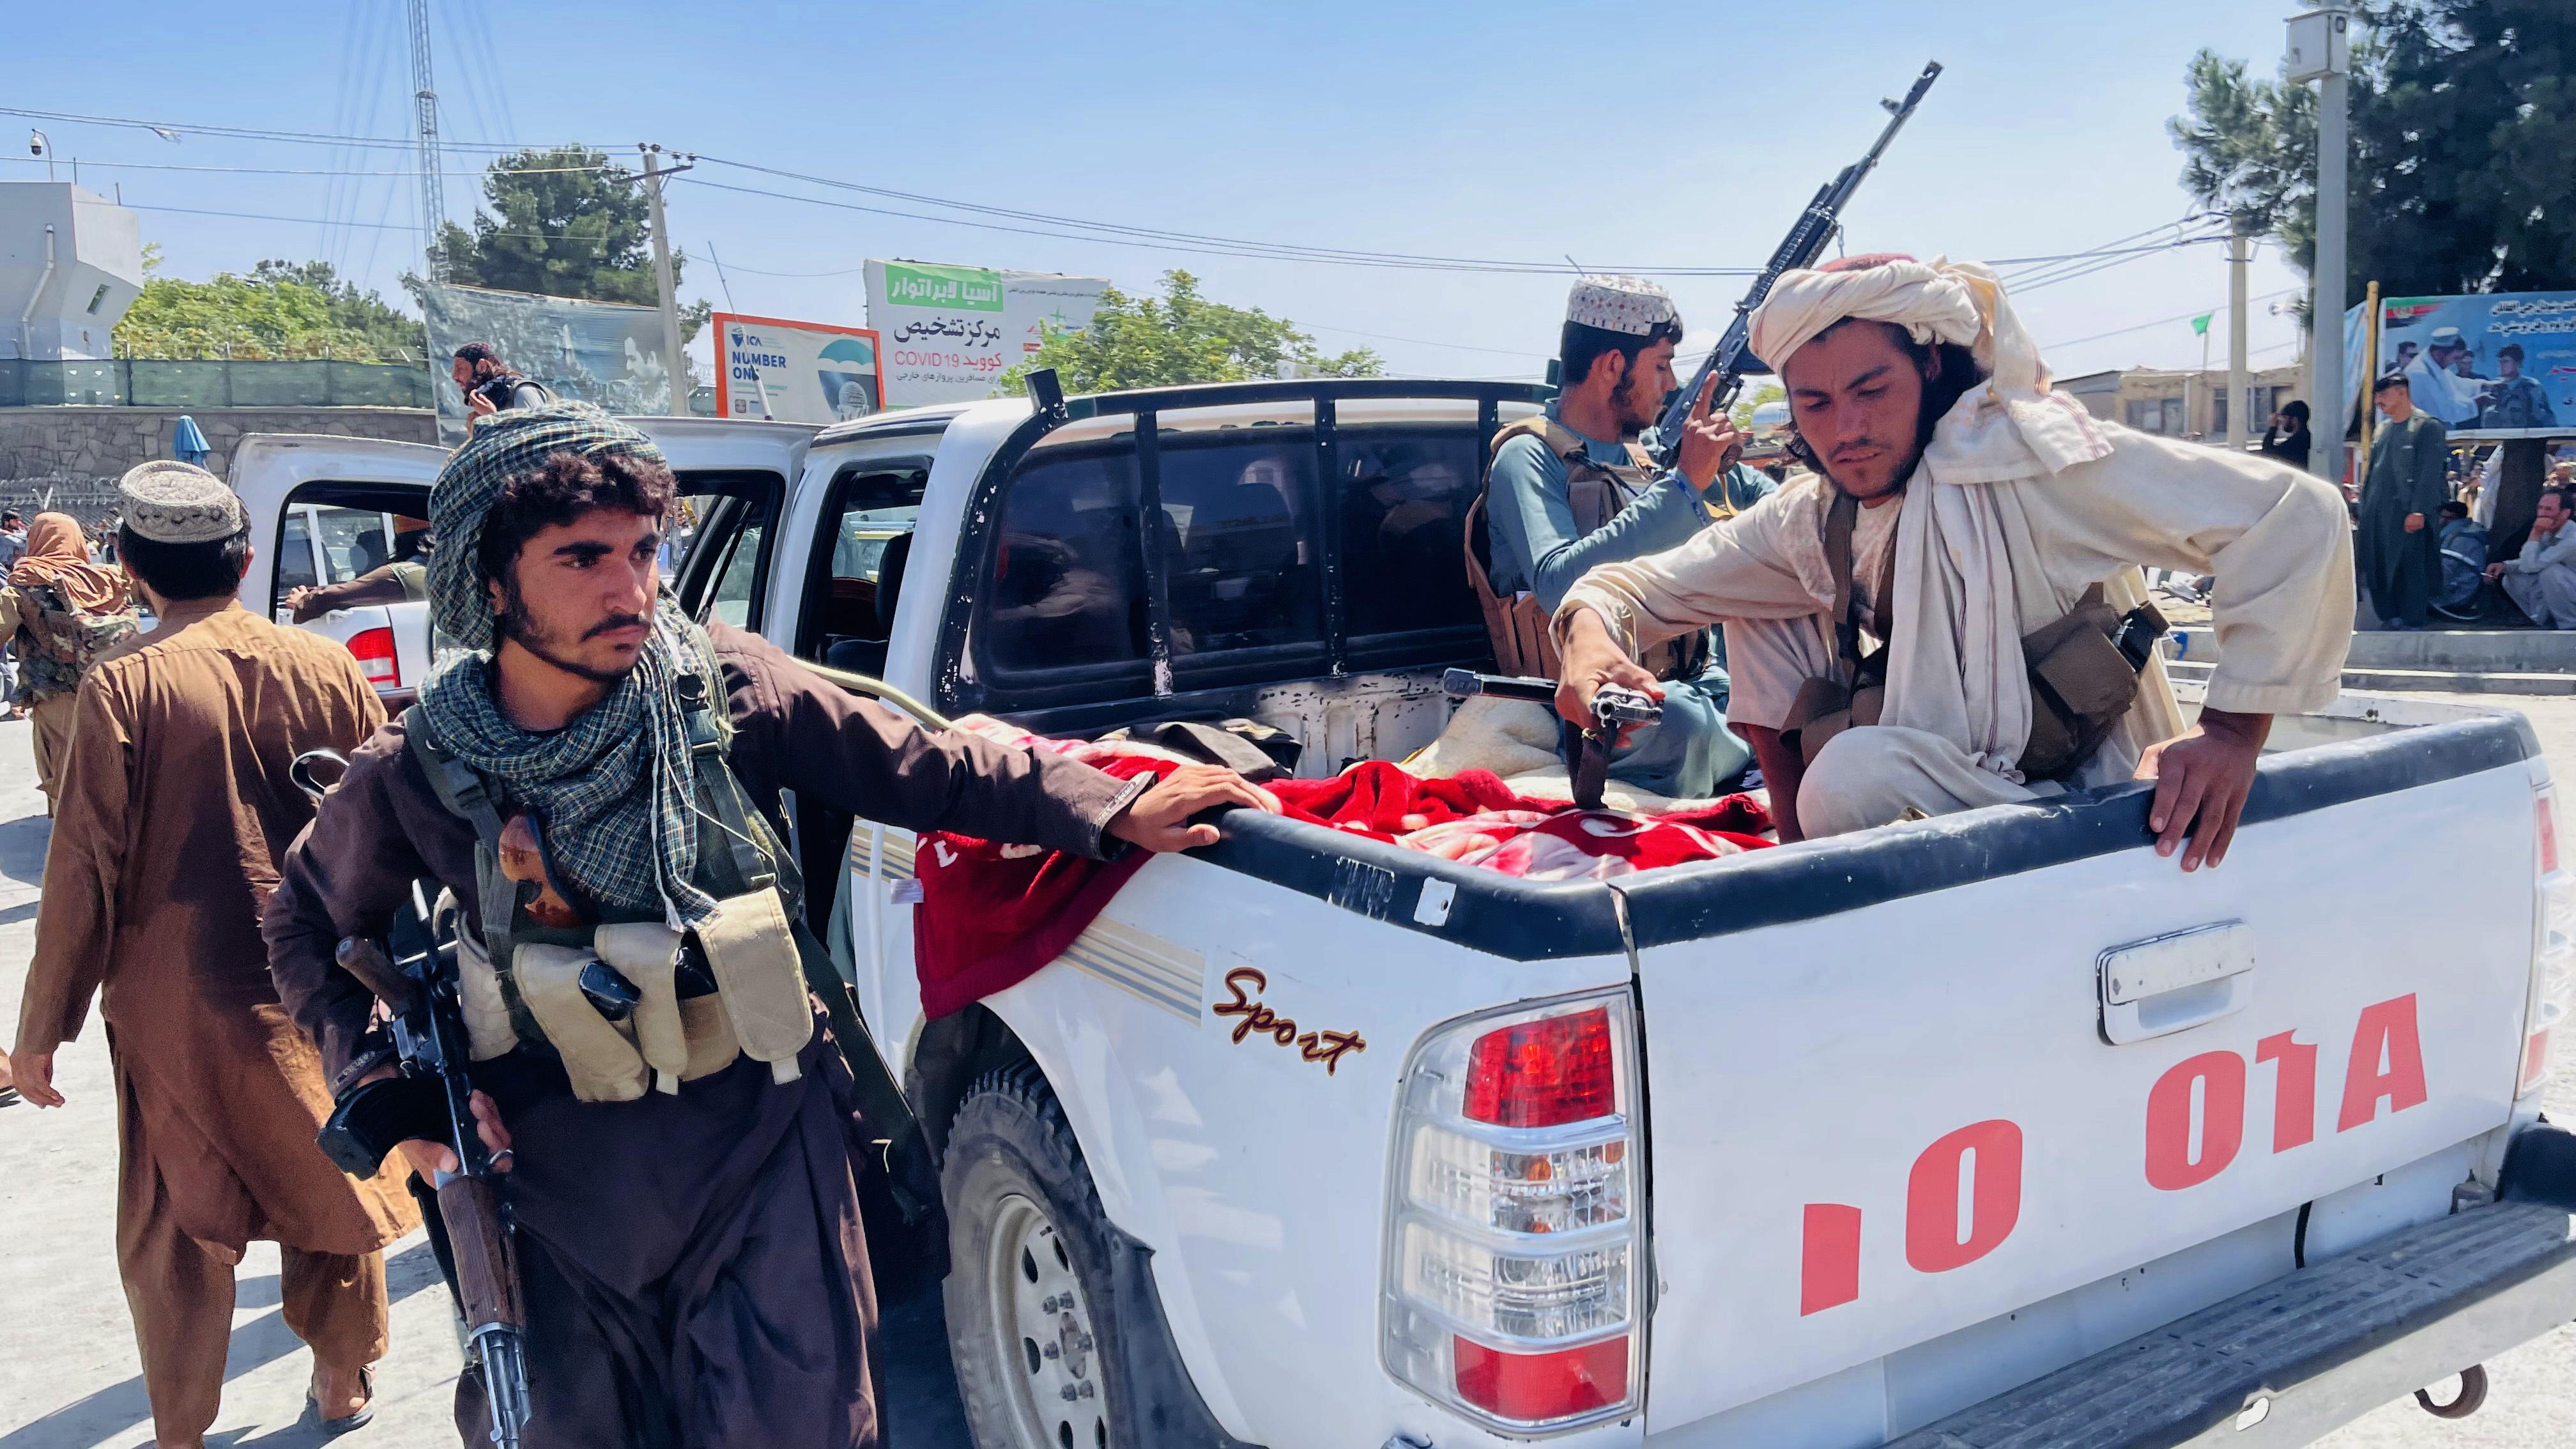 Participantes do Talibã no aeroporto de Cabul, na última segunda (16). Crédito: Haroon Sabawoon/Anadolu Agency